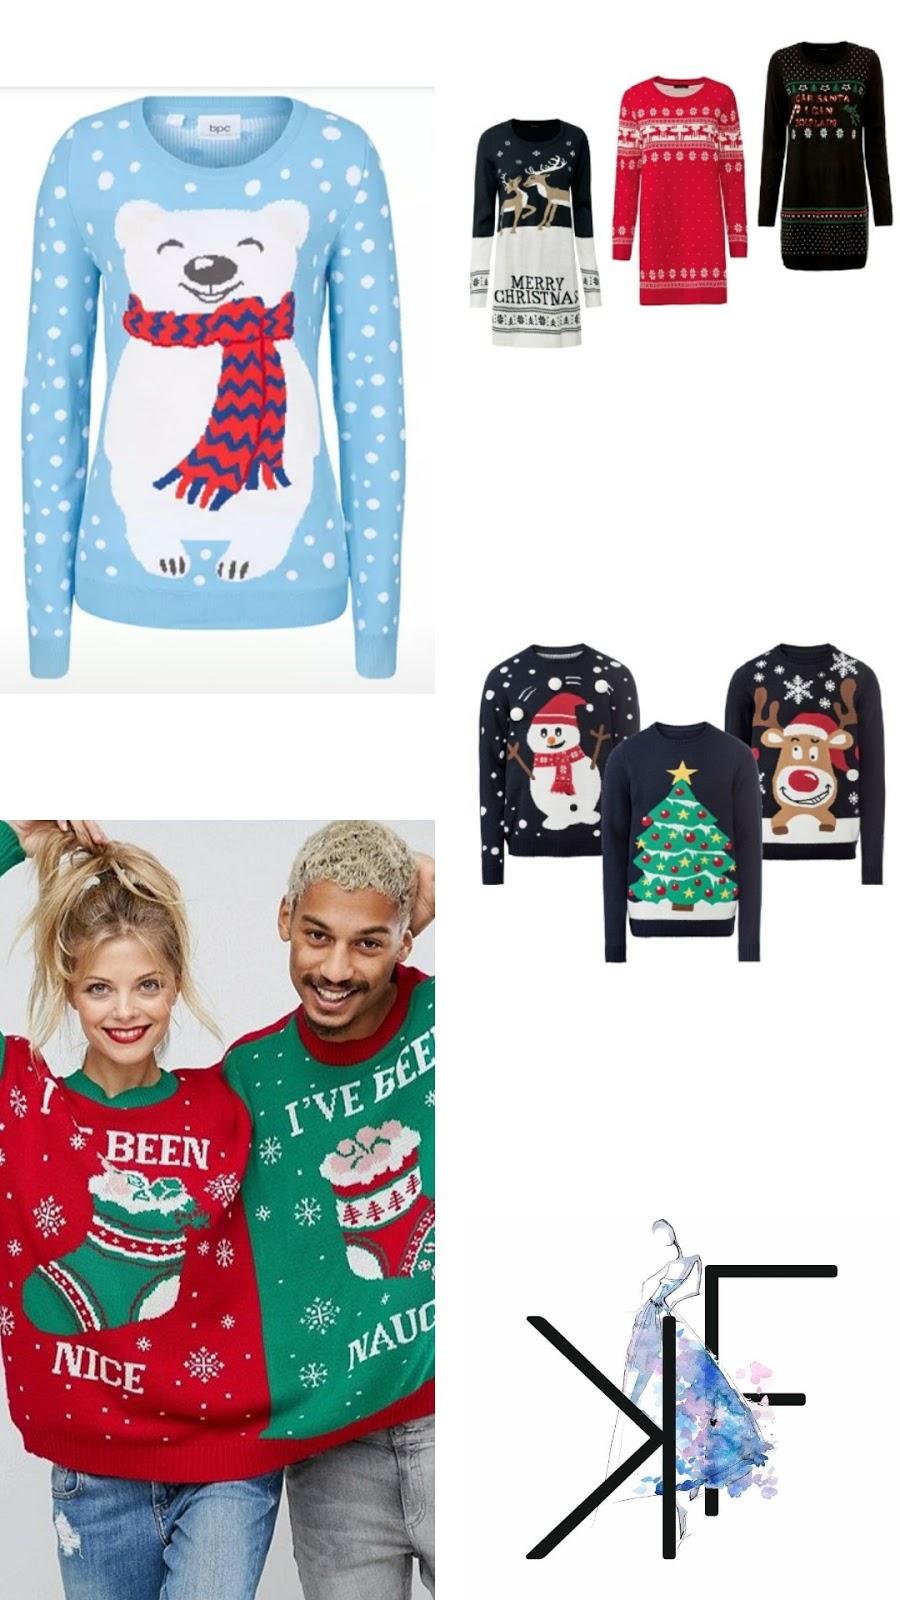 Świąteczne swetry - hit czy kicz?